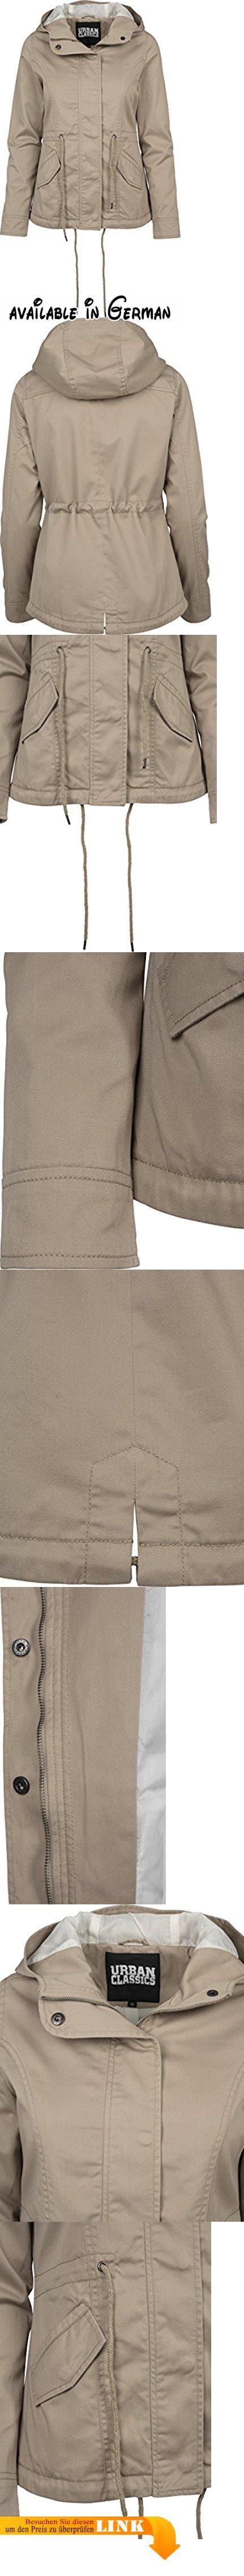 Urban Classics TB1820 Damen und Mädchen Basic Cotton Parka, Jacke aus Baumwolle für Herbst und Winter mit Kapuze, Taille verstellbar, Tunnelzug-Saum - sand, Größe S. Hochwertige und robuste Übergangsjacke aus Baumwolle-Polyester-Mix und Lining aus Polyester zur Überbrückung der kühleren Tage im Frühjahr und Herbst. Ein hochschließender Reißverschluss und die davor liegende Blende mit Knopfleiste sorgen dafür, dass der Wind nicht in die Jacke gelangt und man nicht